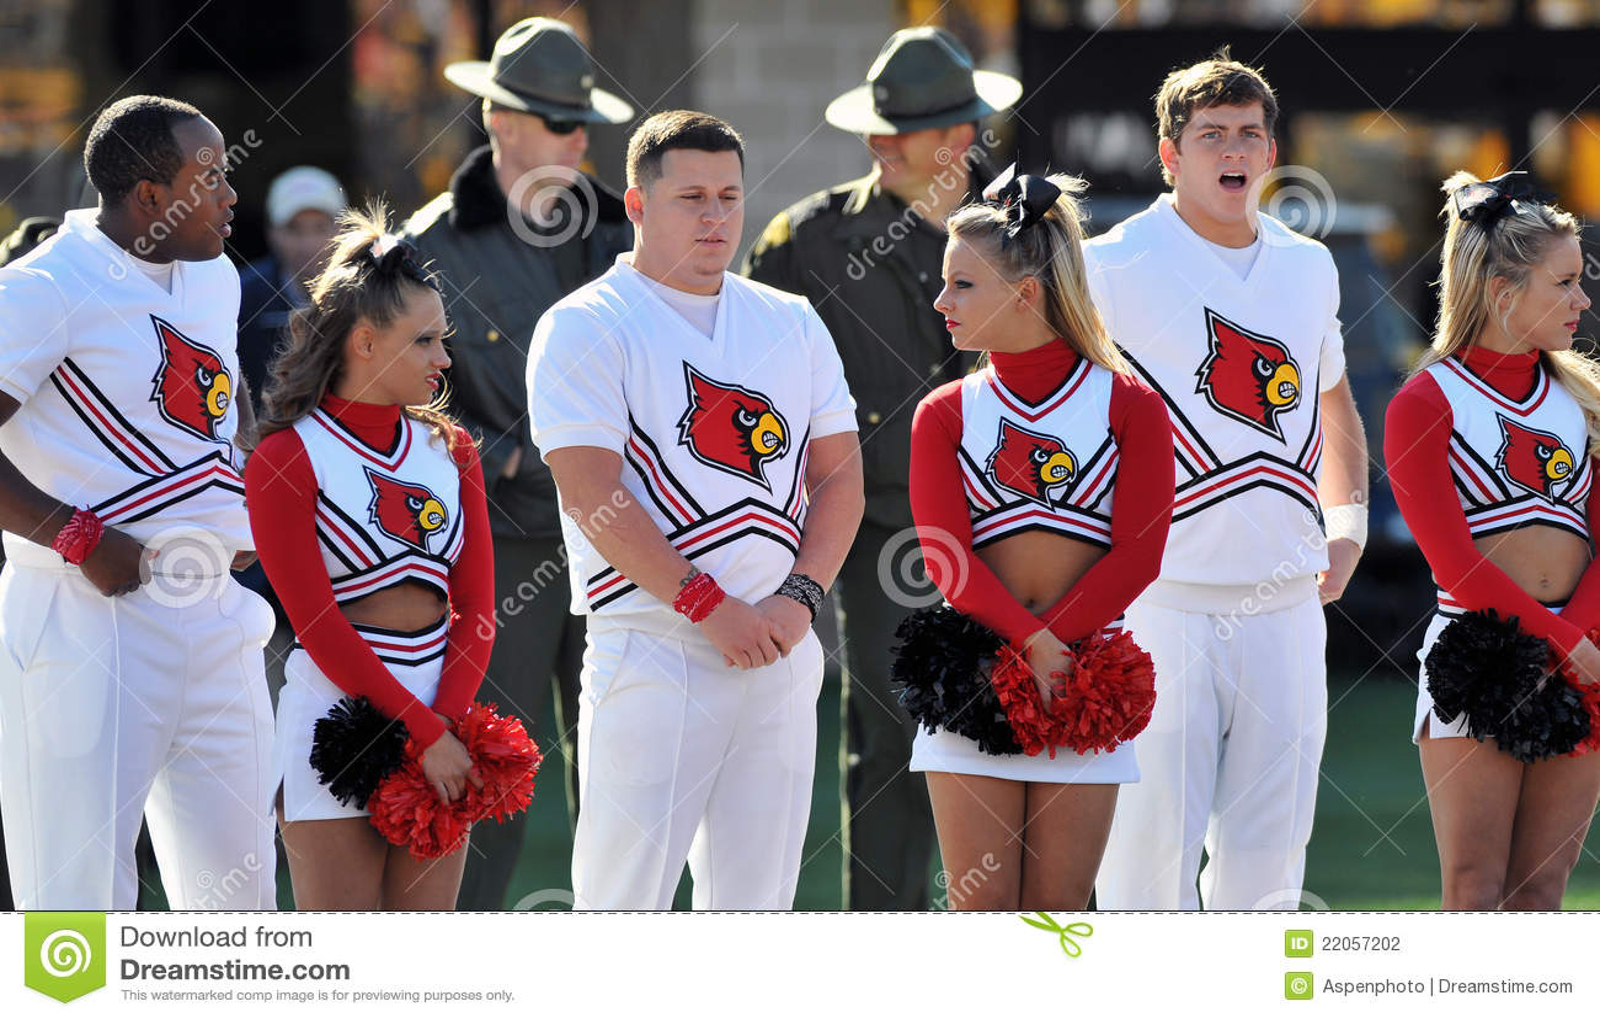 Something Louisville cardinals cheerleaders